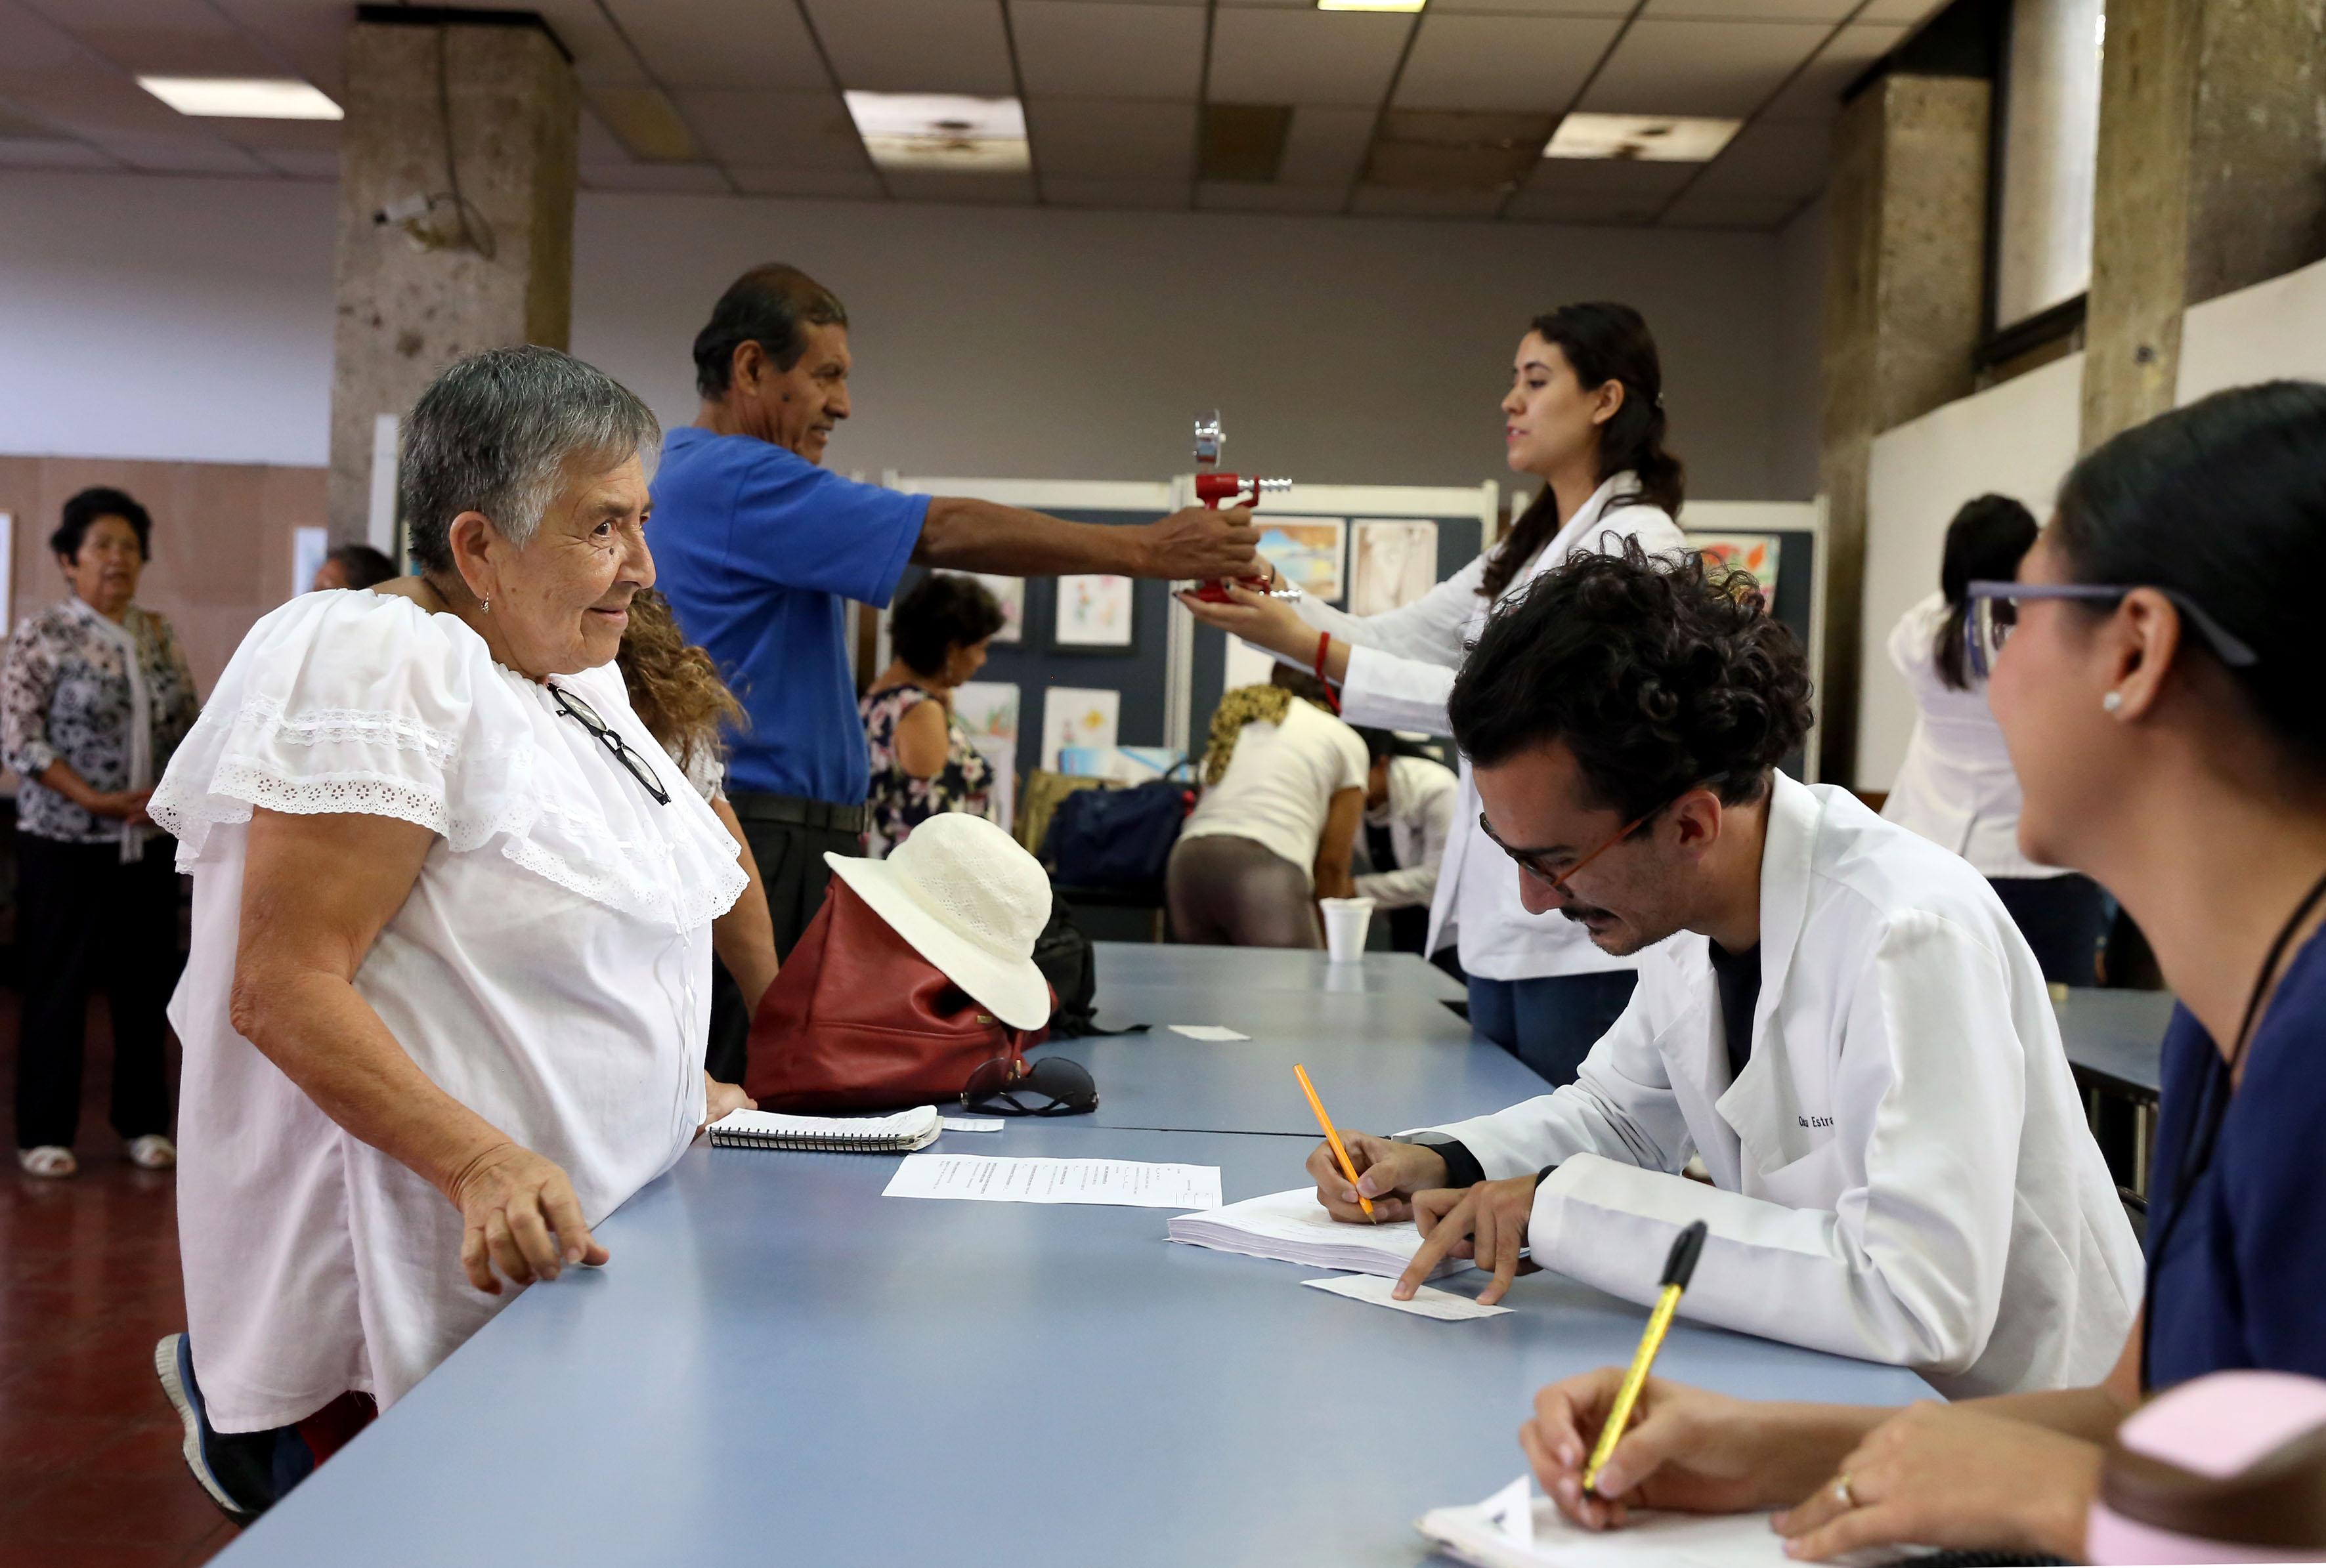 Mesa de registro de adultos mayores a cursos en diferentes áreas del conocimiento, llevada a cabo por personal del SUAM.